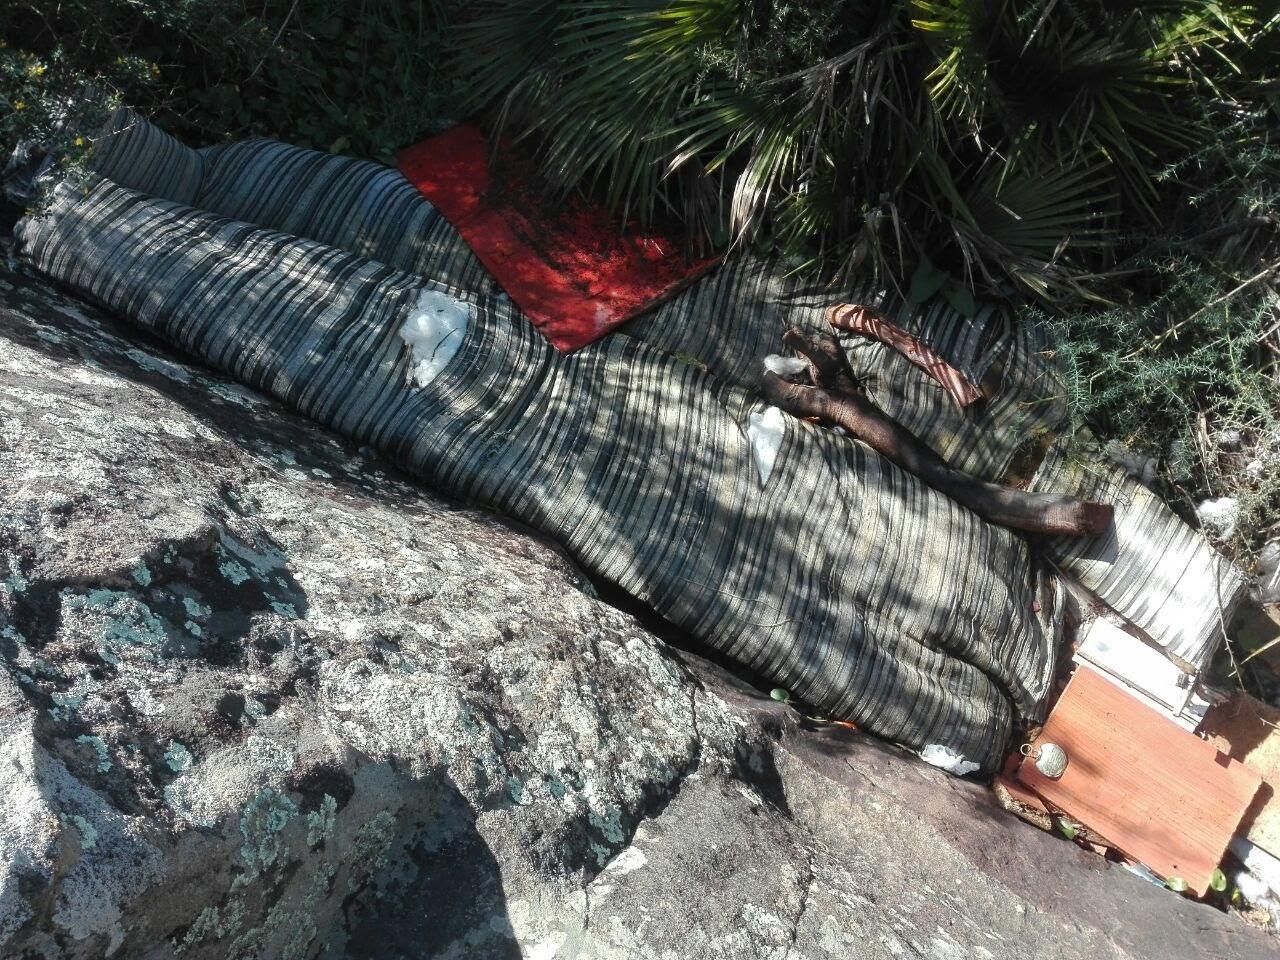 Podemos e Izquierda Unida solicitan al Ayuntamiento la protección de los yacimientos arqueológicos localizados en la finca Cortijo de San Bernabé